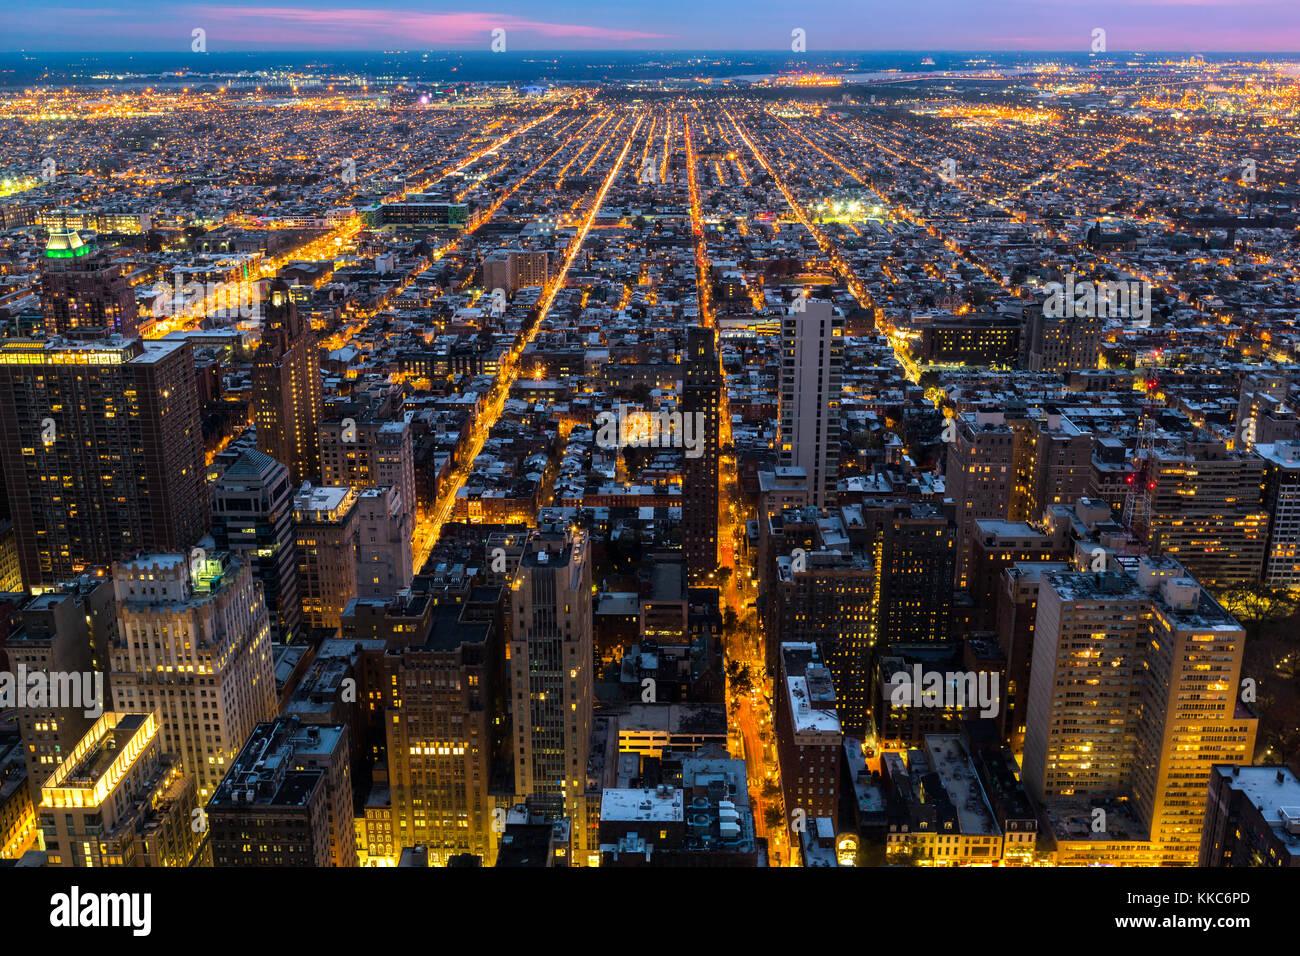 Luftaufnahme von Philadelphia mit Straßen der Stadt auf dem Rand der Metropolregion Stockbild